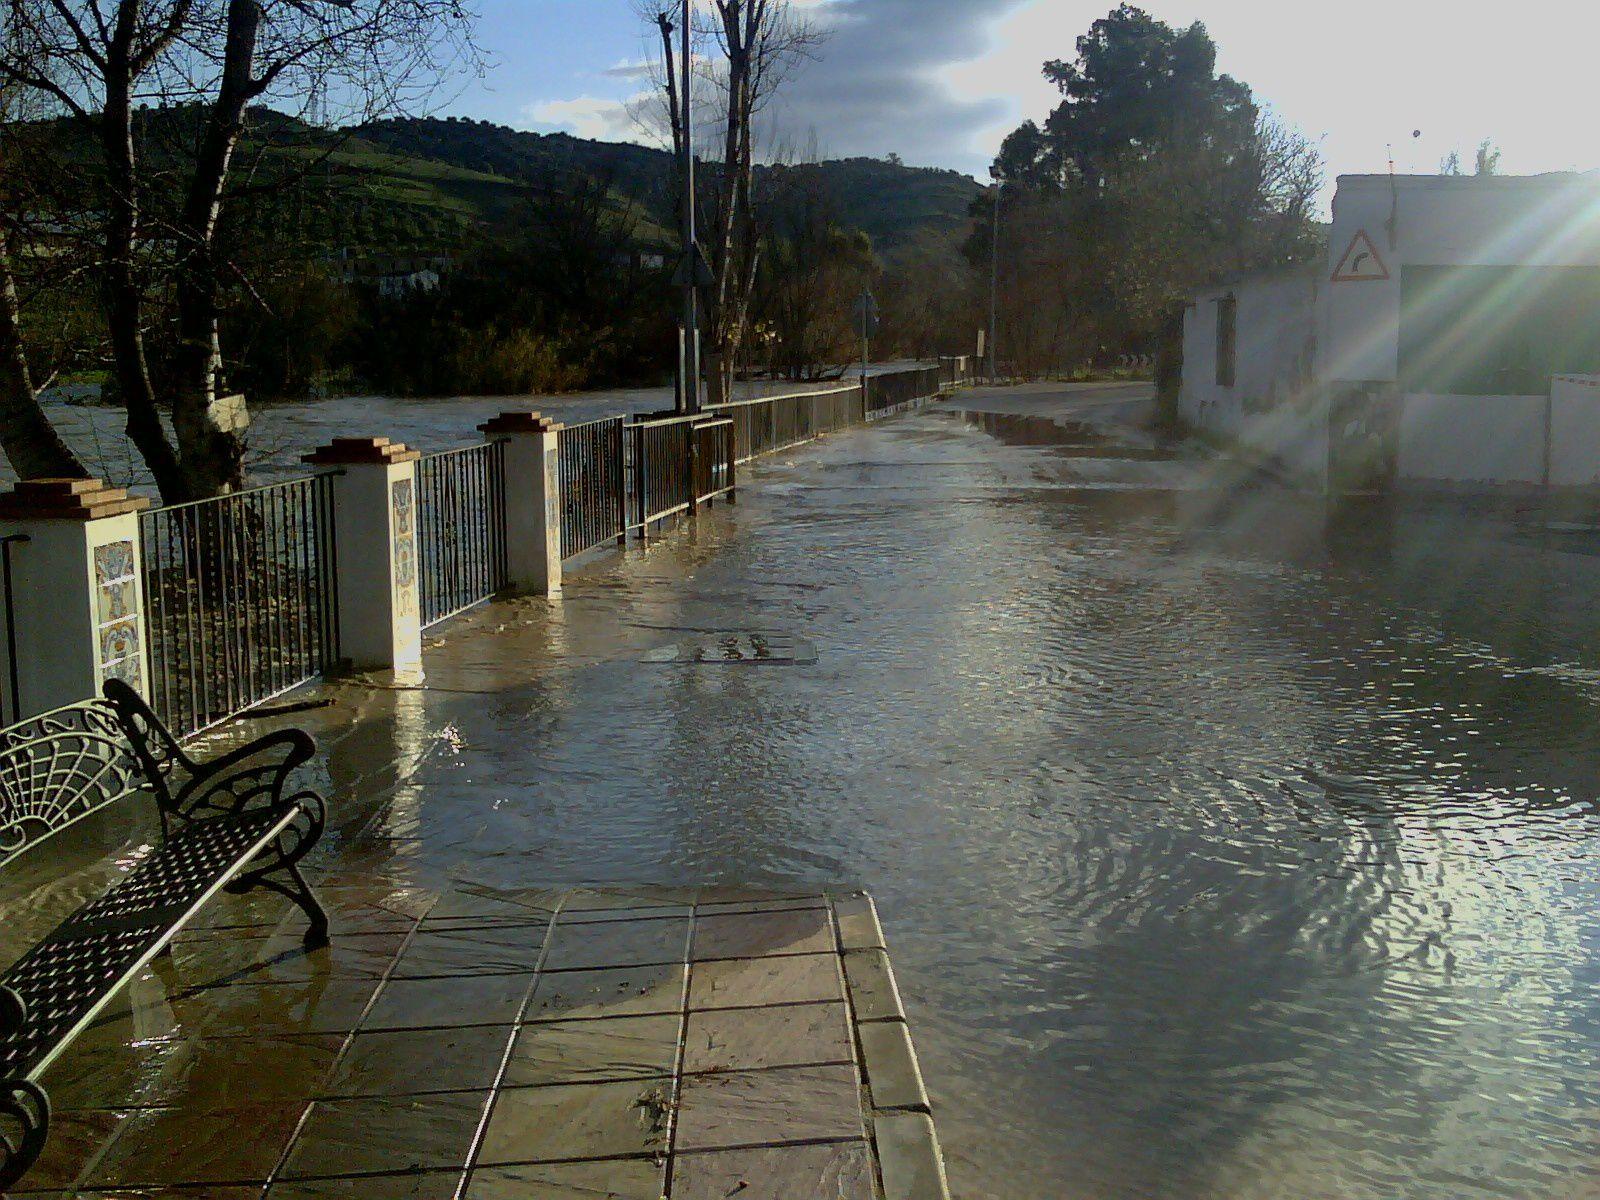 Río Genil 09-03-2010